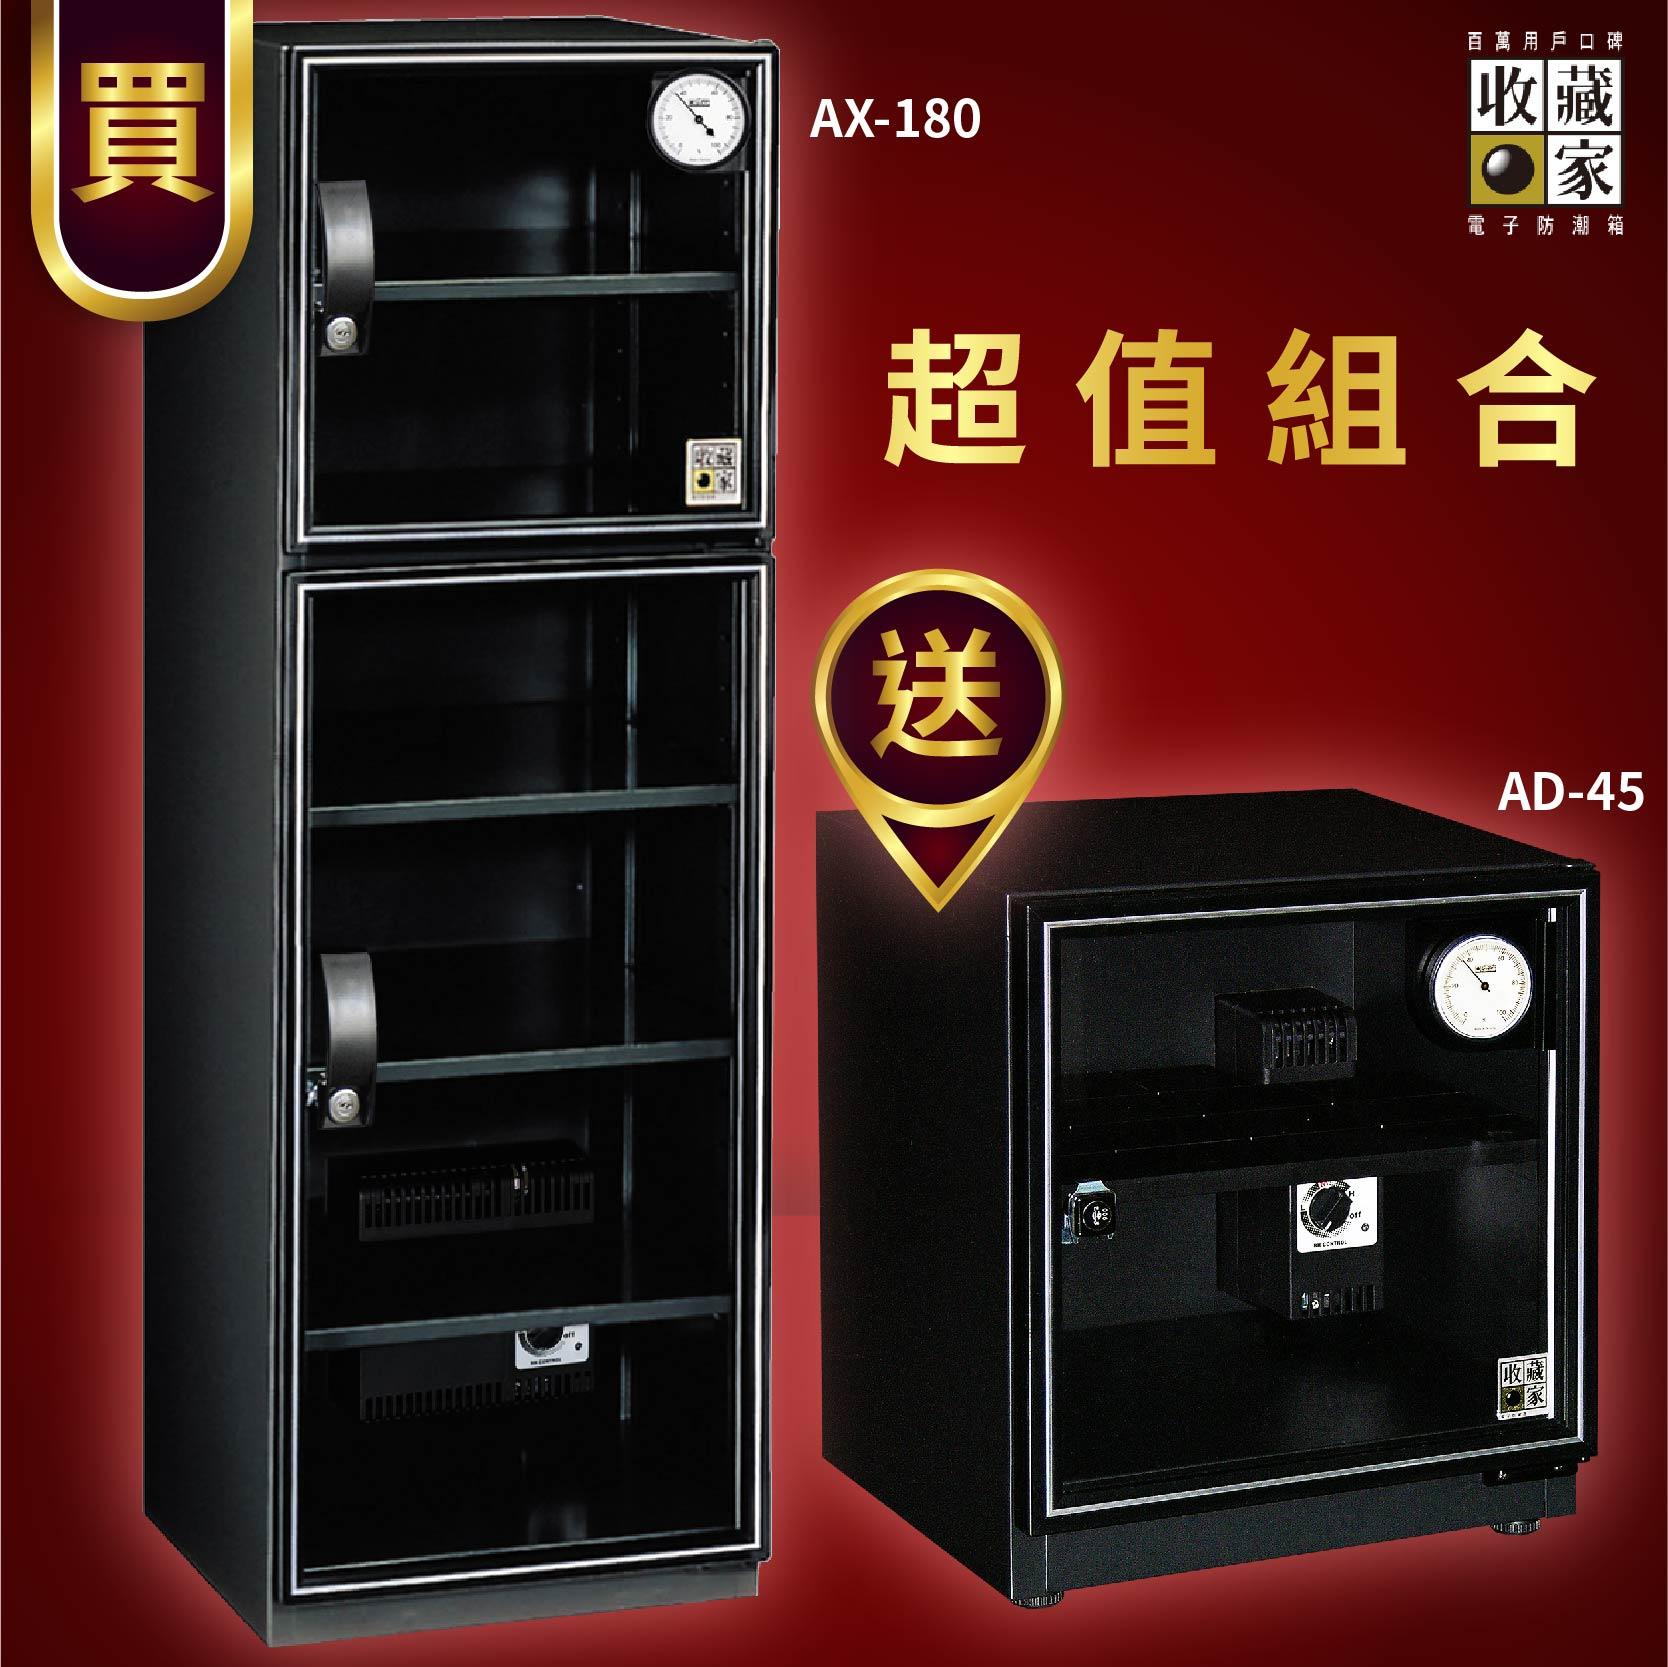 買大送小【收藏家】AX-180 大型平衡除溼主機電子防潮箱 送 AD-45 防潮箱 辦公室 收藏品 文物 檔案 物料防潮